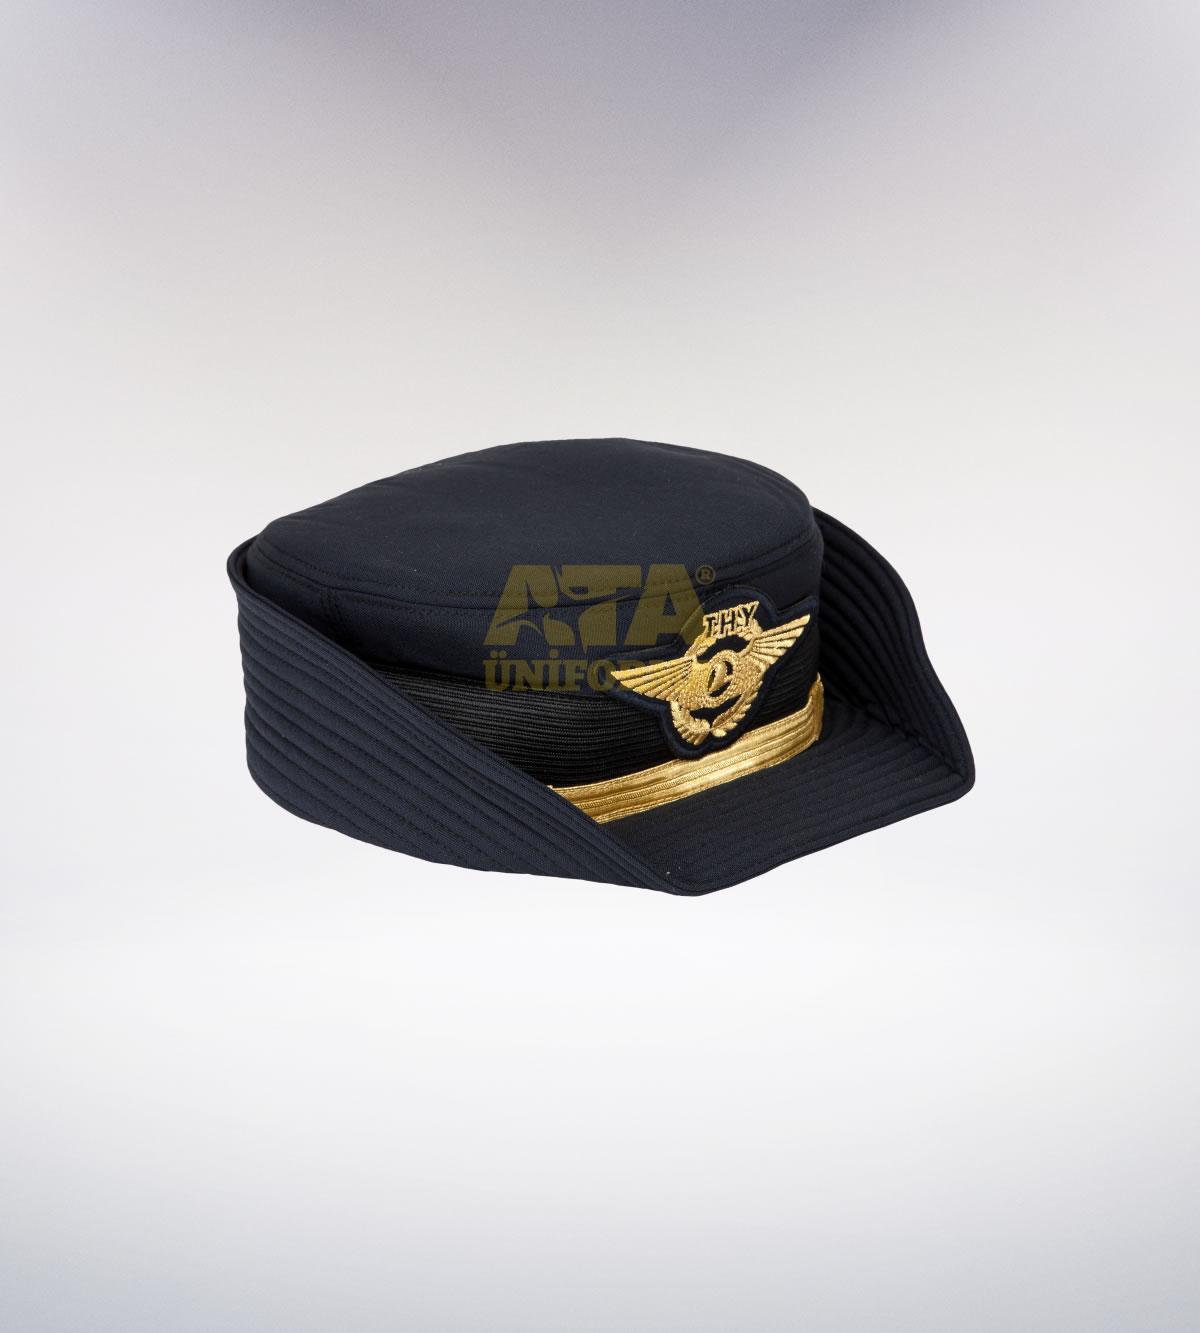 ATA-1117 Pilot tören şapka (Bayan) - pilot elbiseleri | pilot  üniformaları | pilot kıyafetleri